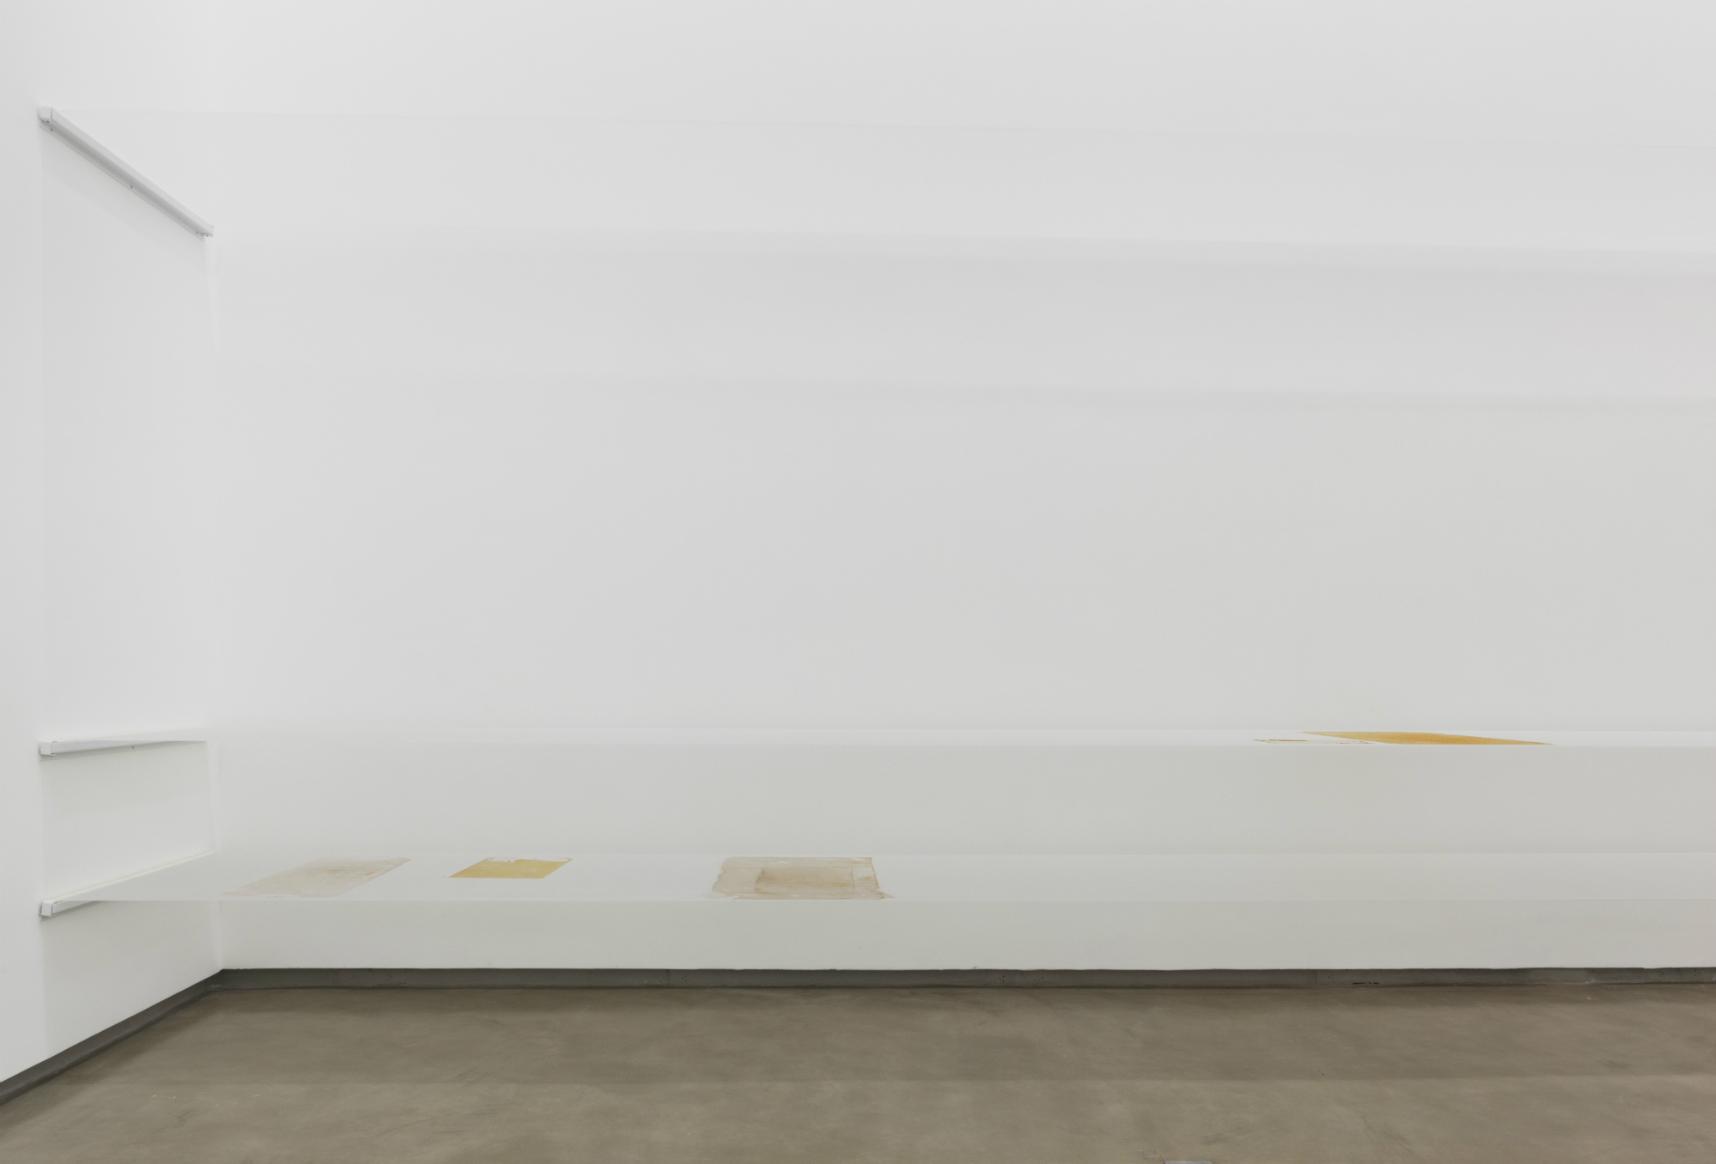 Untitled 2014 Gallery Anita Schwartz, Br